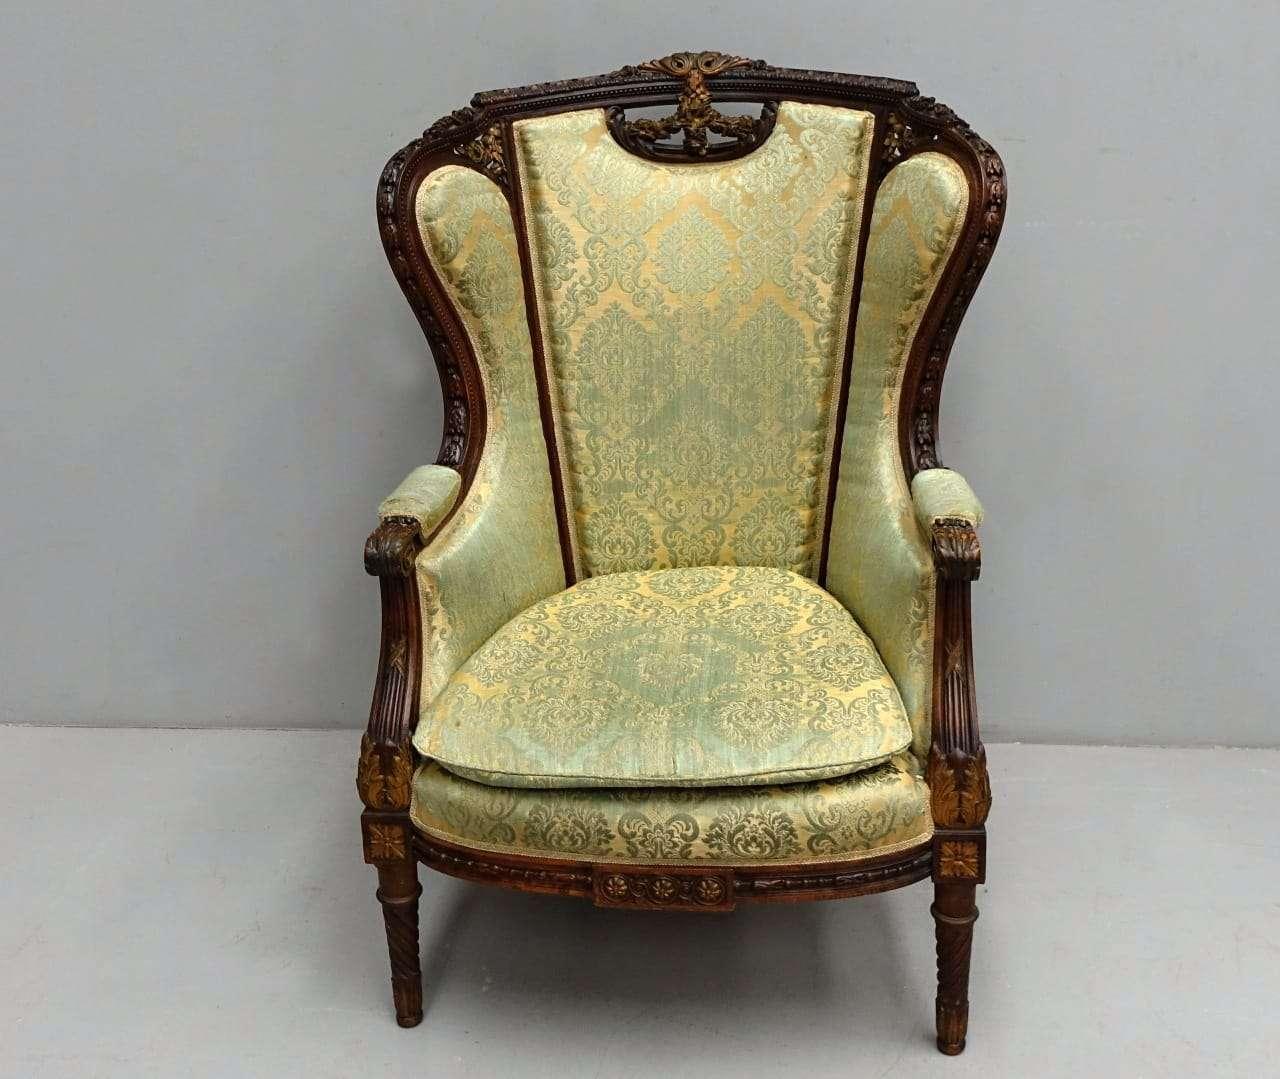 Poltrona bergere Luigi XVI intagliato 0118007 | Gognabros.it